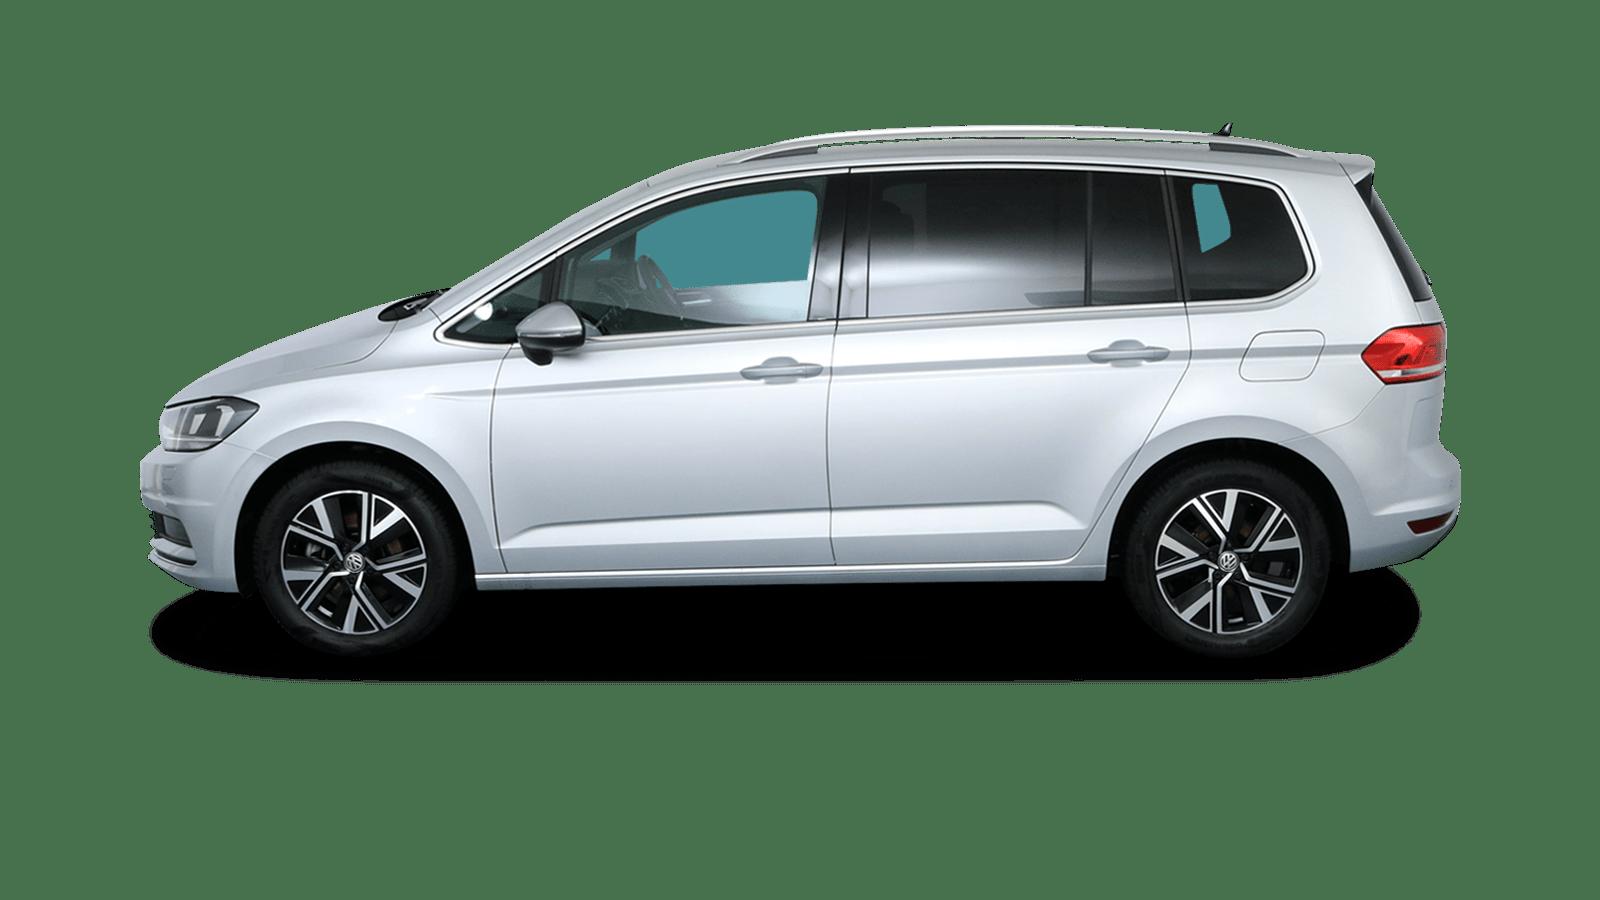 VW Touran Silber rückansicht - Clyde Auto-Abo